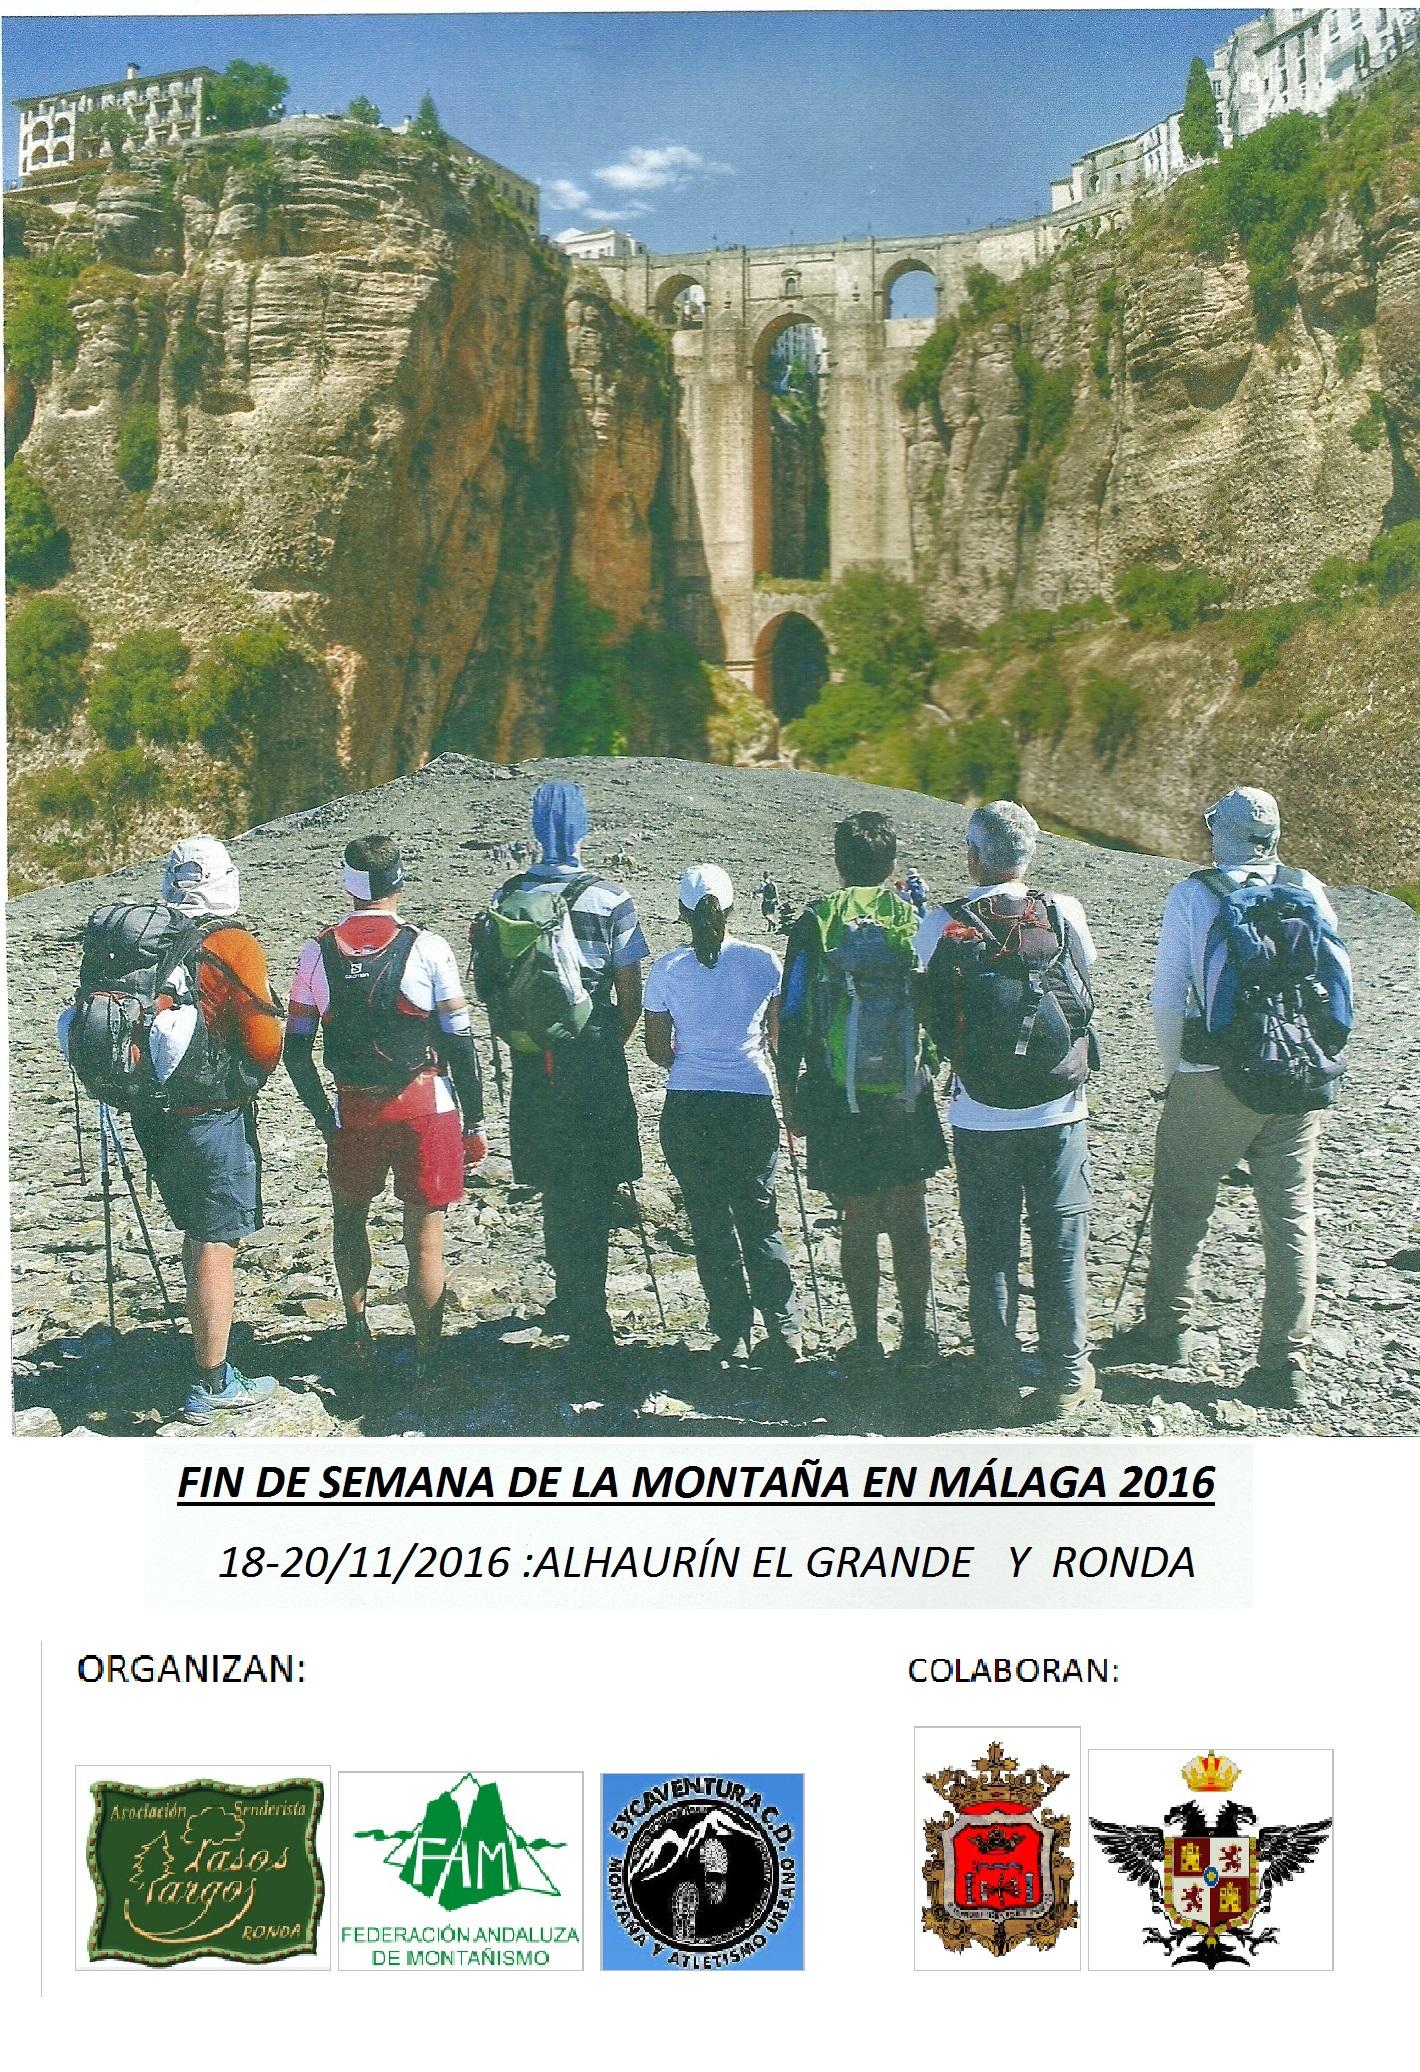 semana-de-la-montana-2016